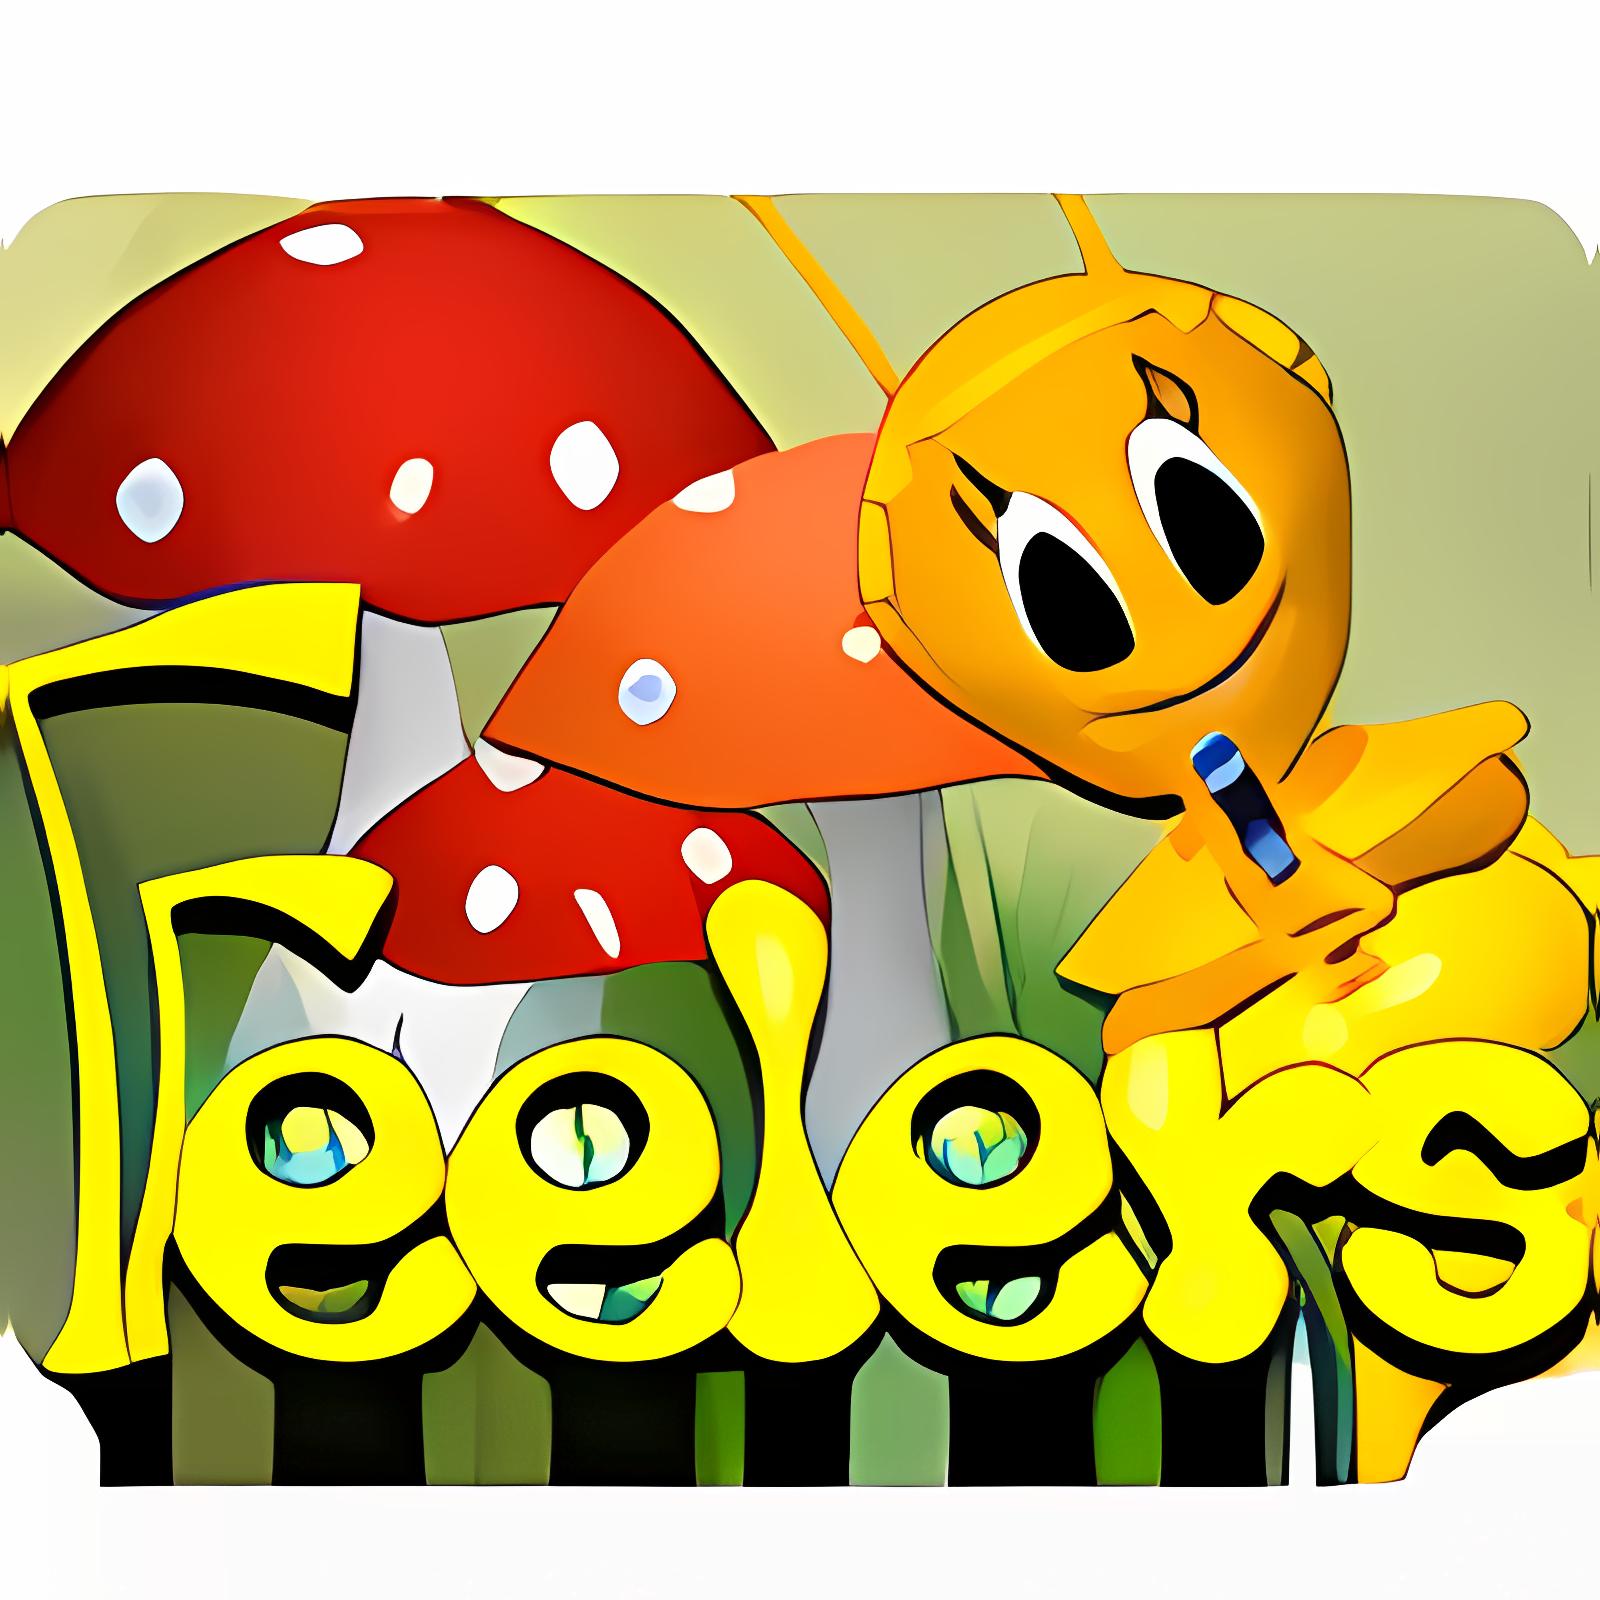 Feelers